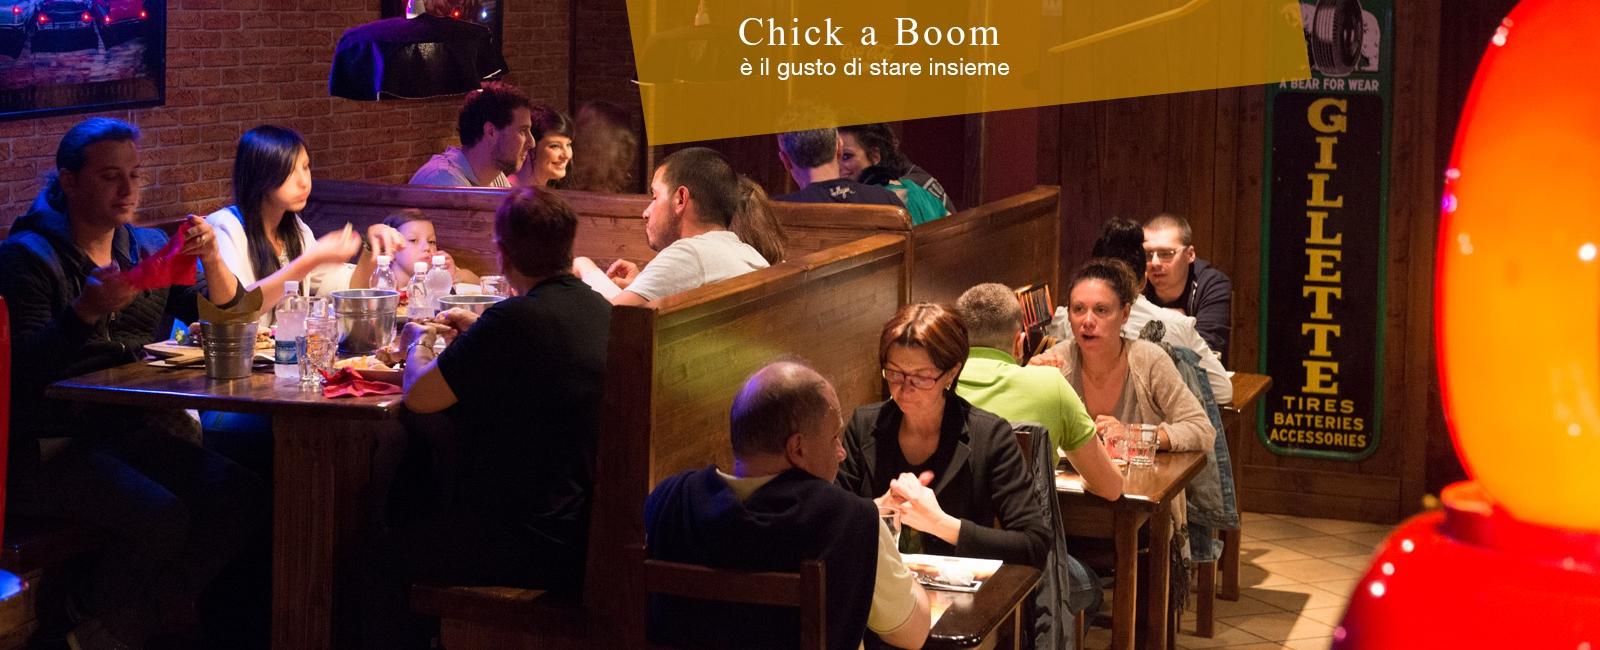 <div> <div>Chick a Boom<br /> è il gusto di stare insieme</div> </div>